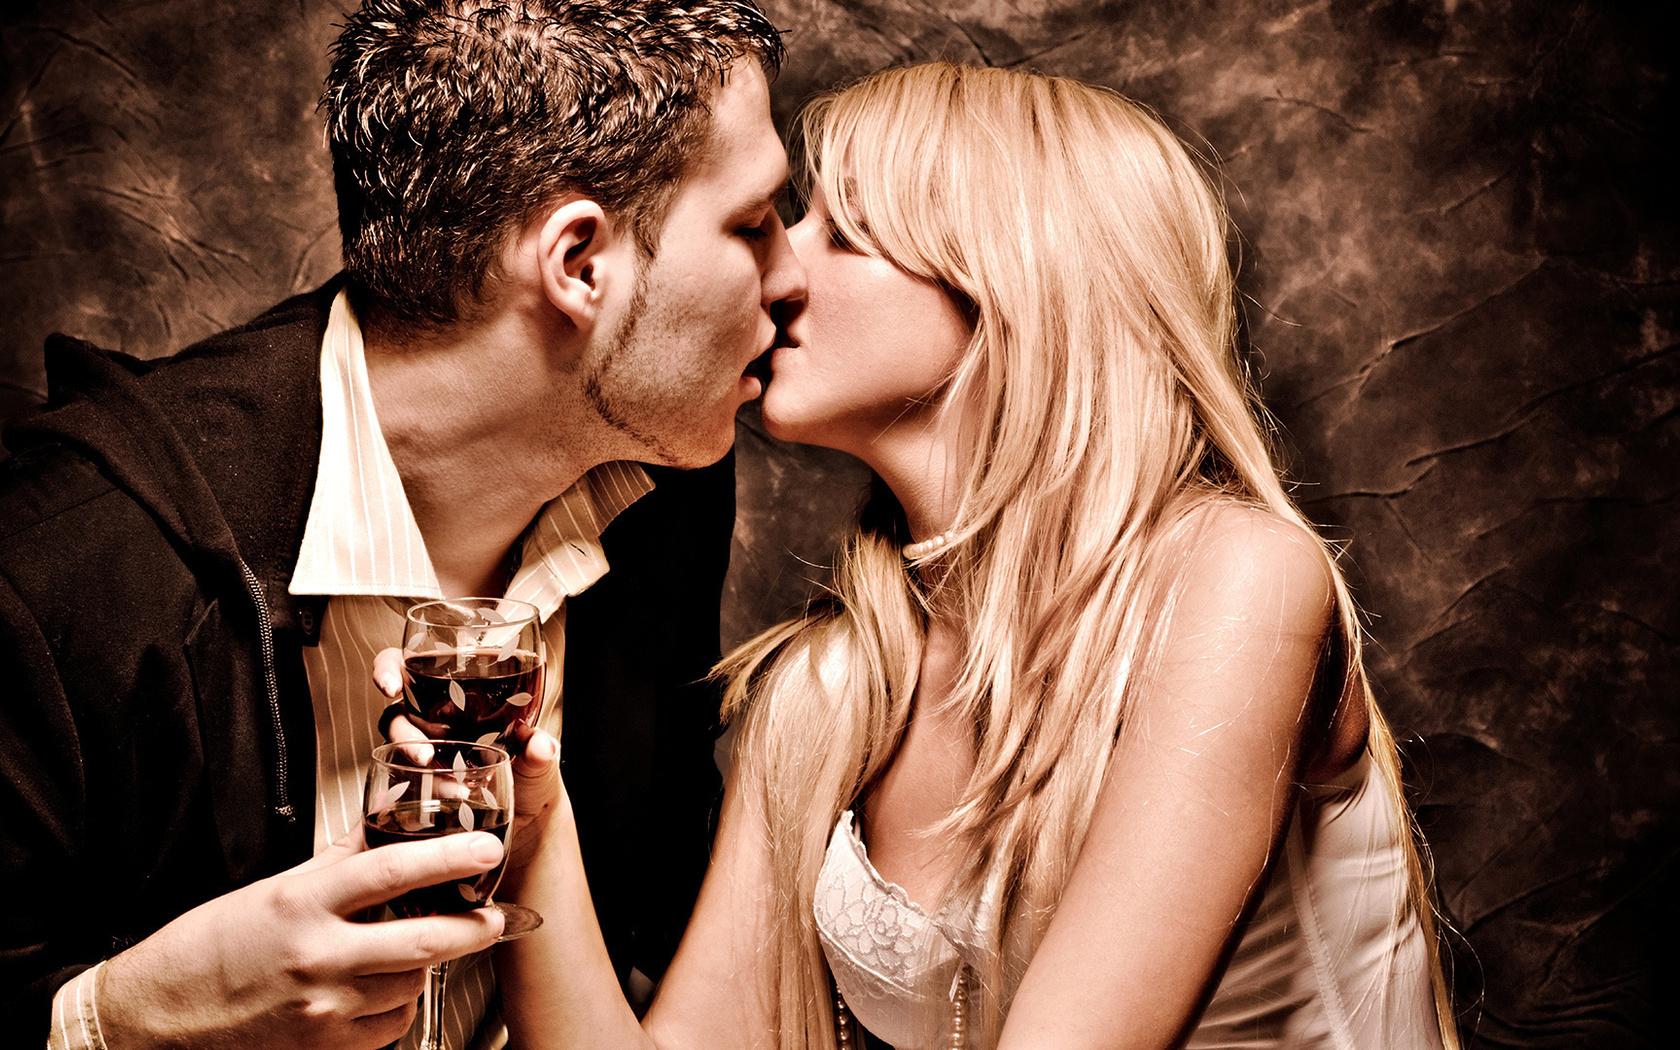 любовь страсть нежность парня и девушки видео